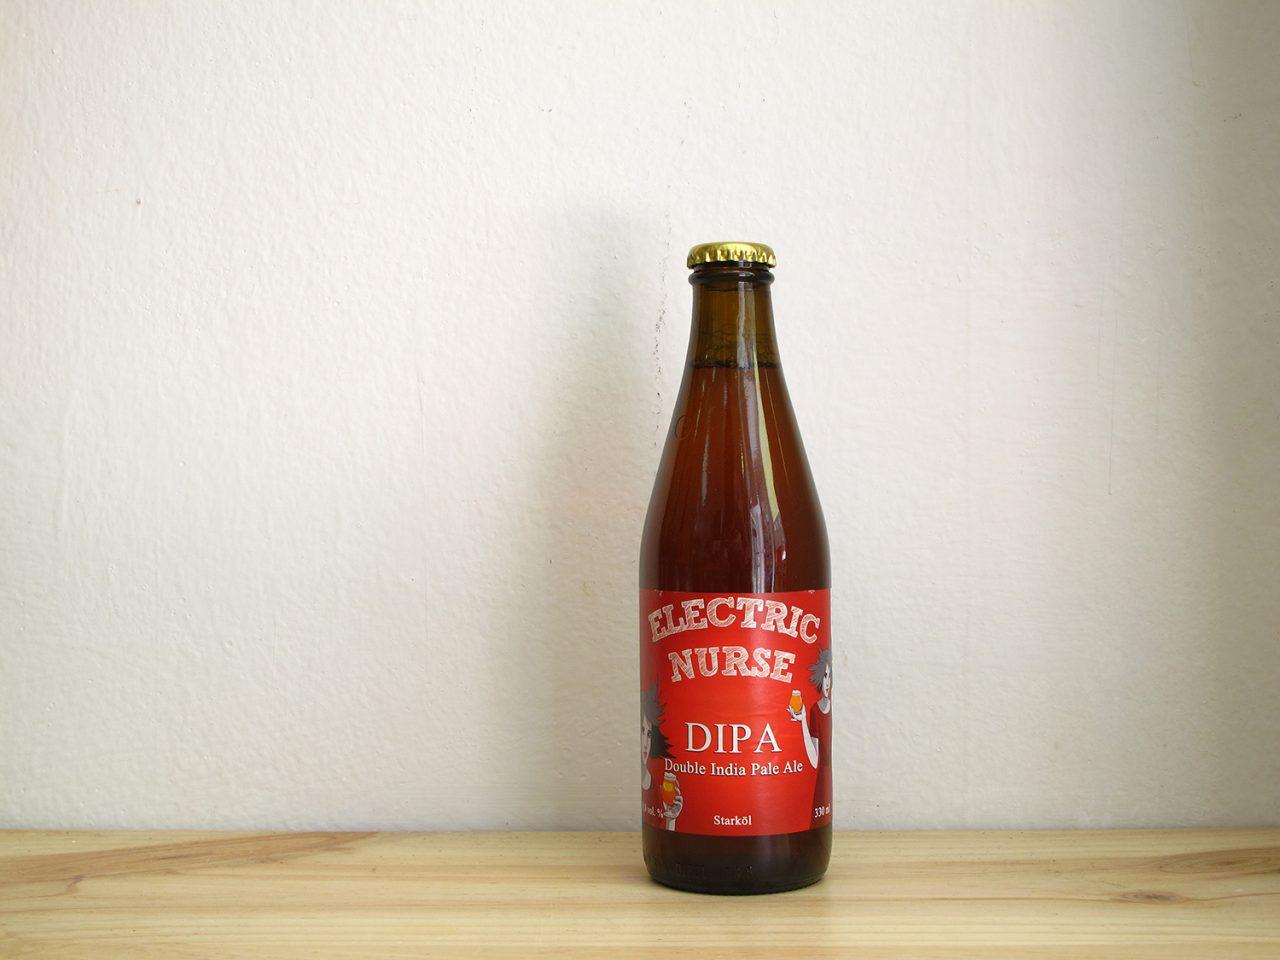 Cerveza Electric Nurse DIPA